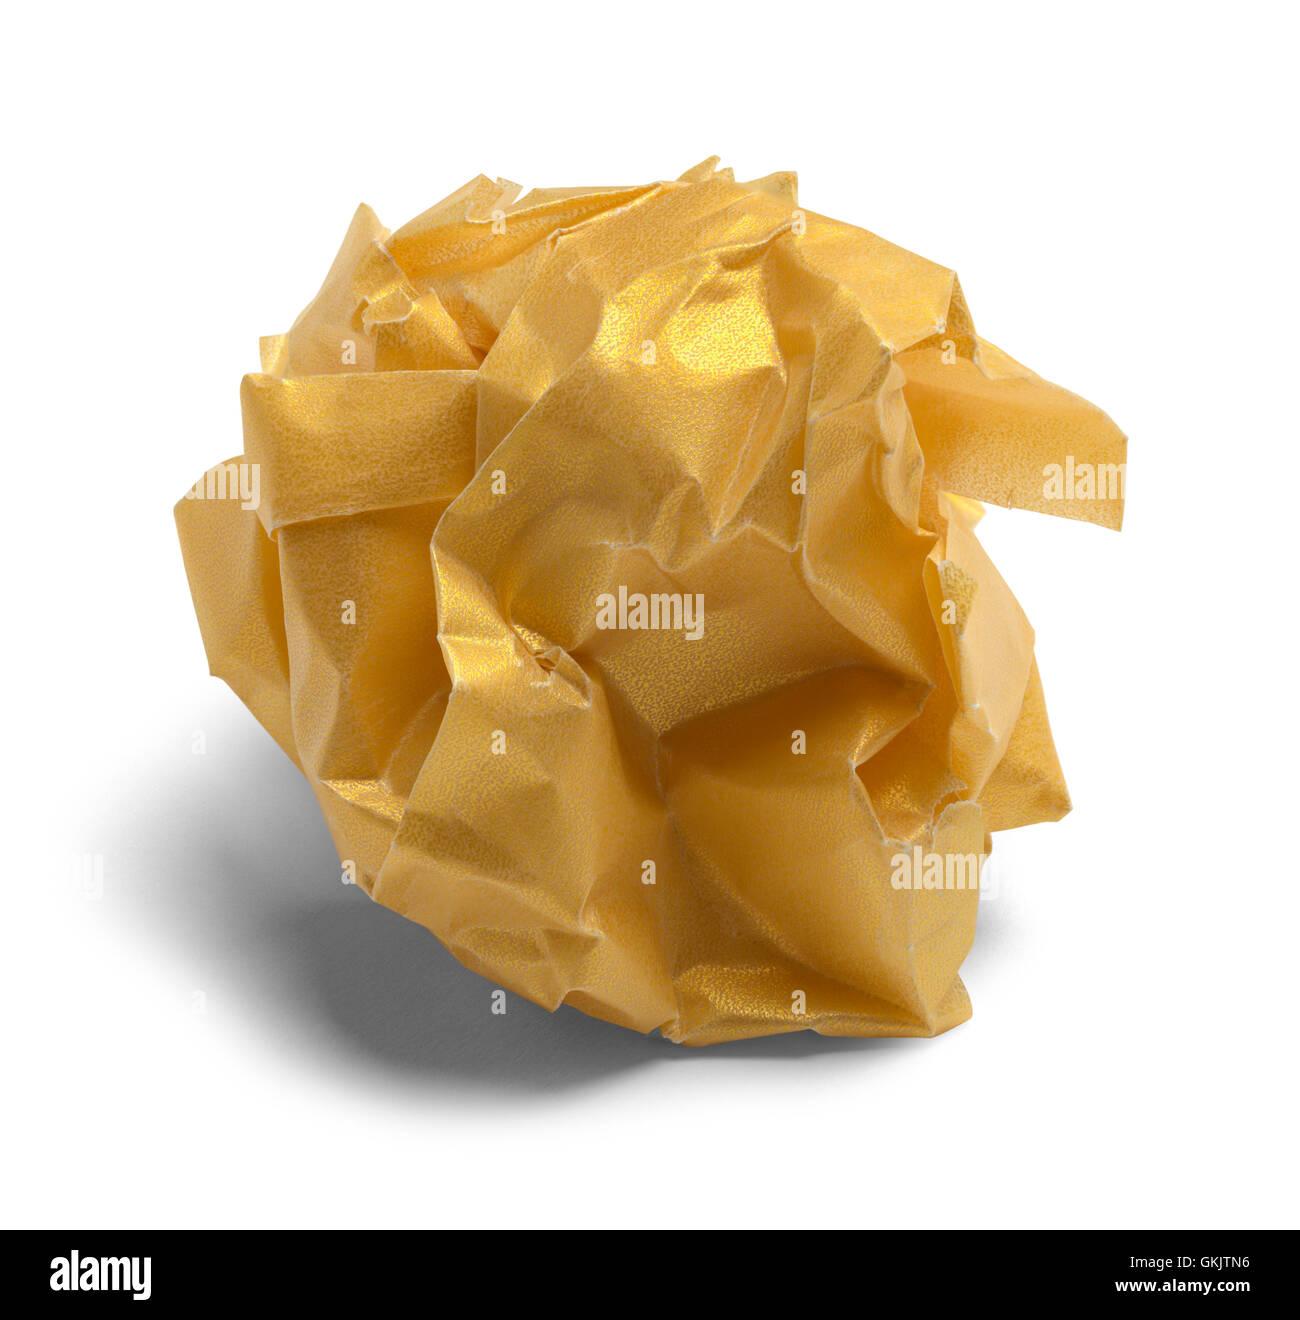 Zerdrückt Golden Papierkugel, Isolated on White Background. Stockbild